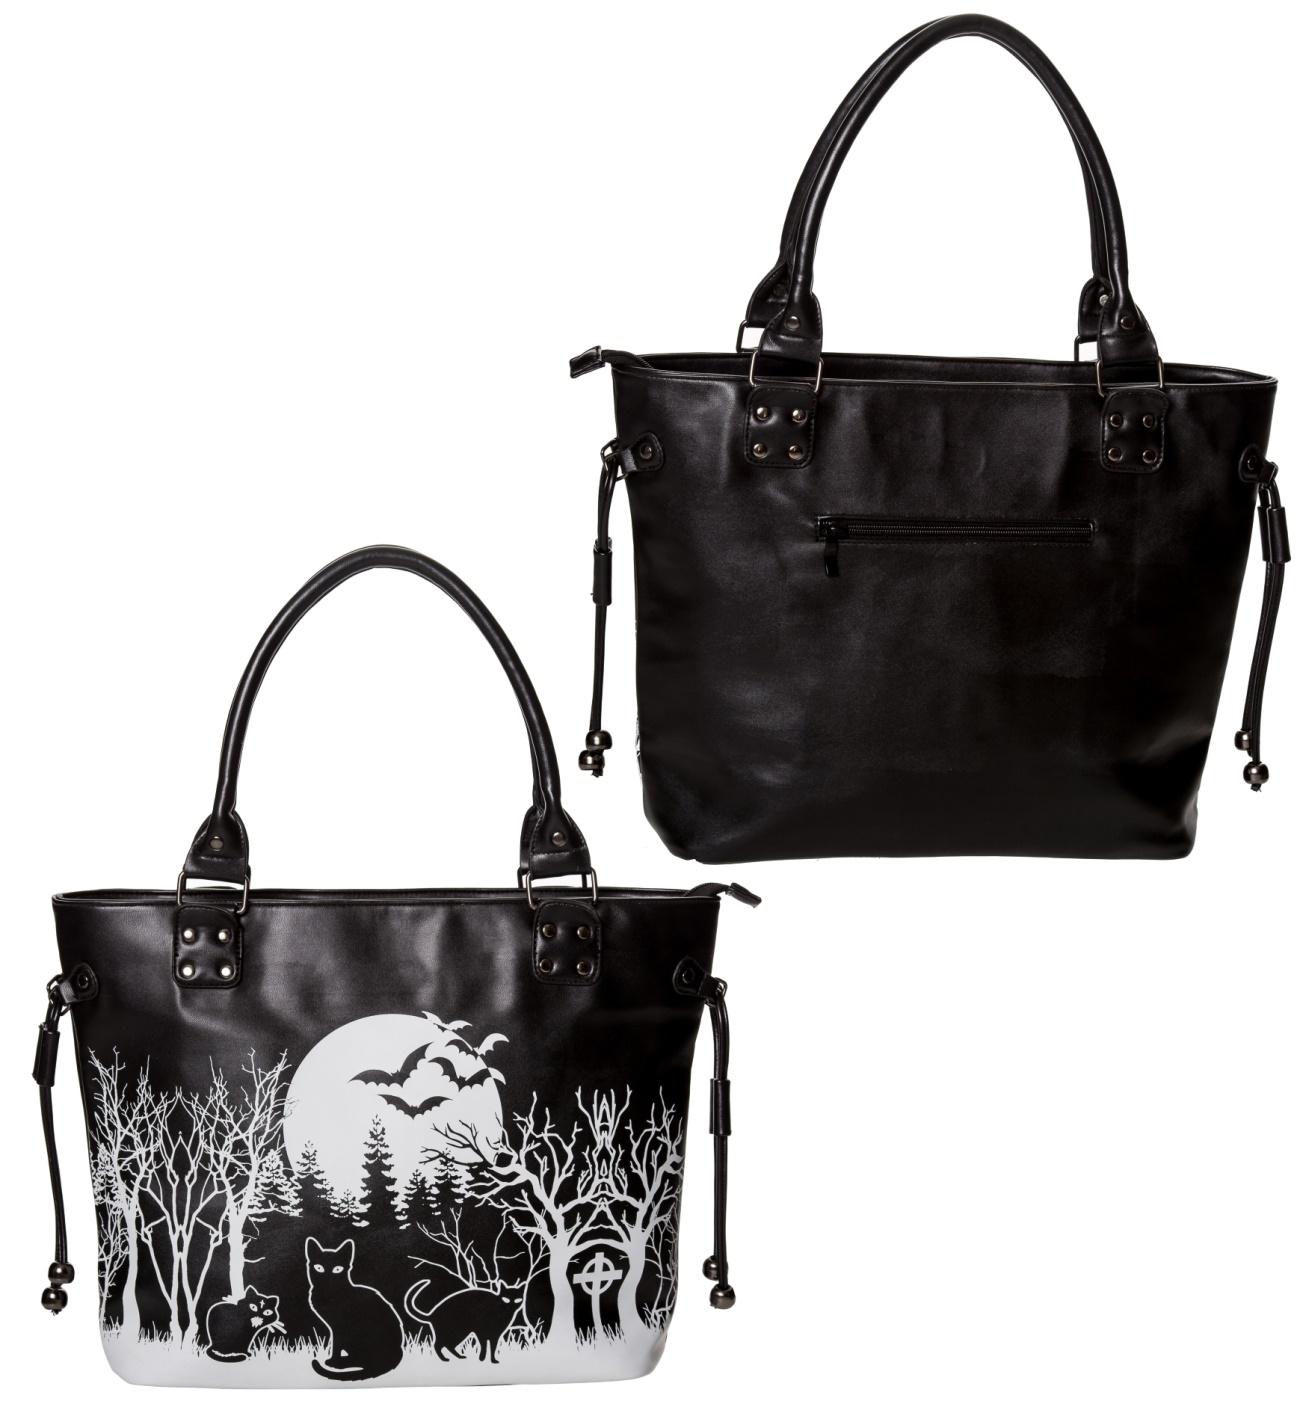 8e5b9415f5b47 Handtasche Cat Night Banned - Banned Taschen - Gothic Onlineshop ...